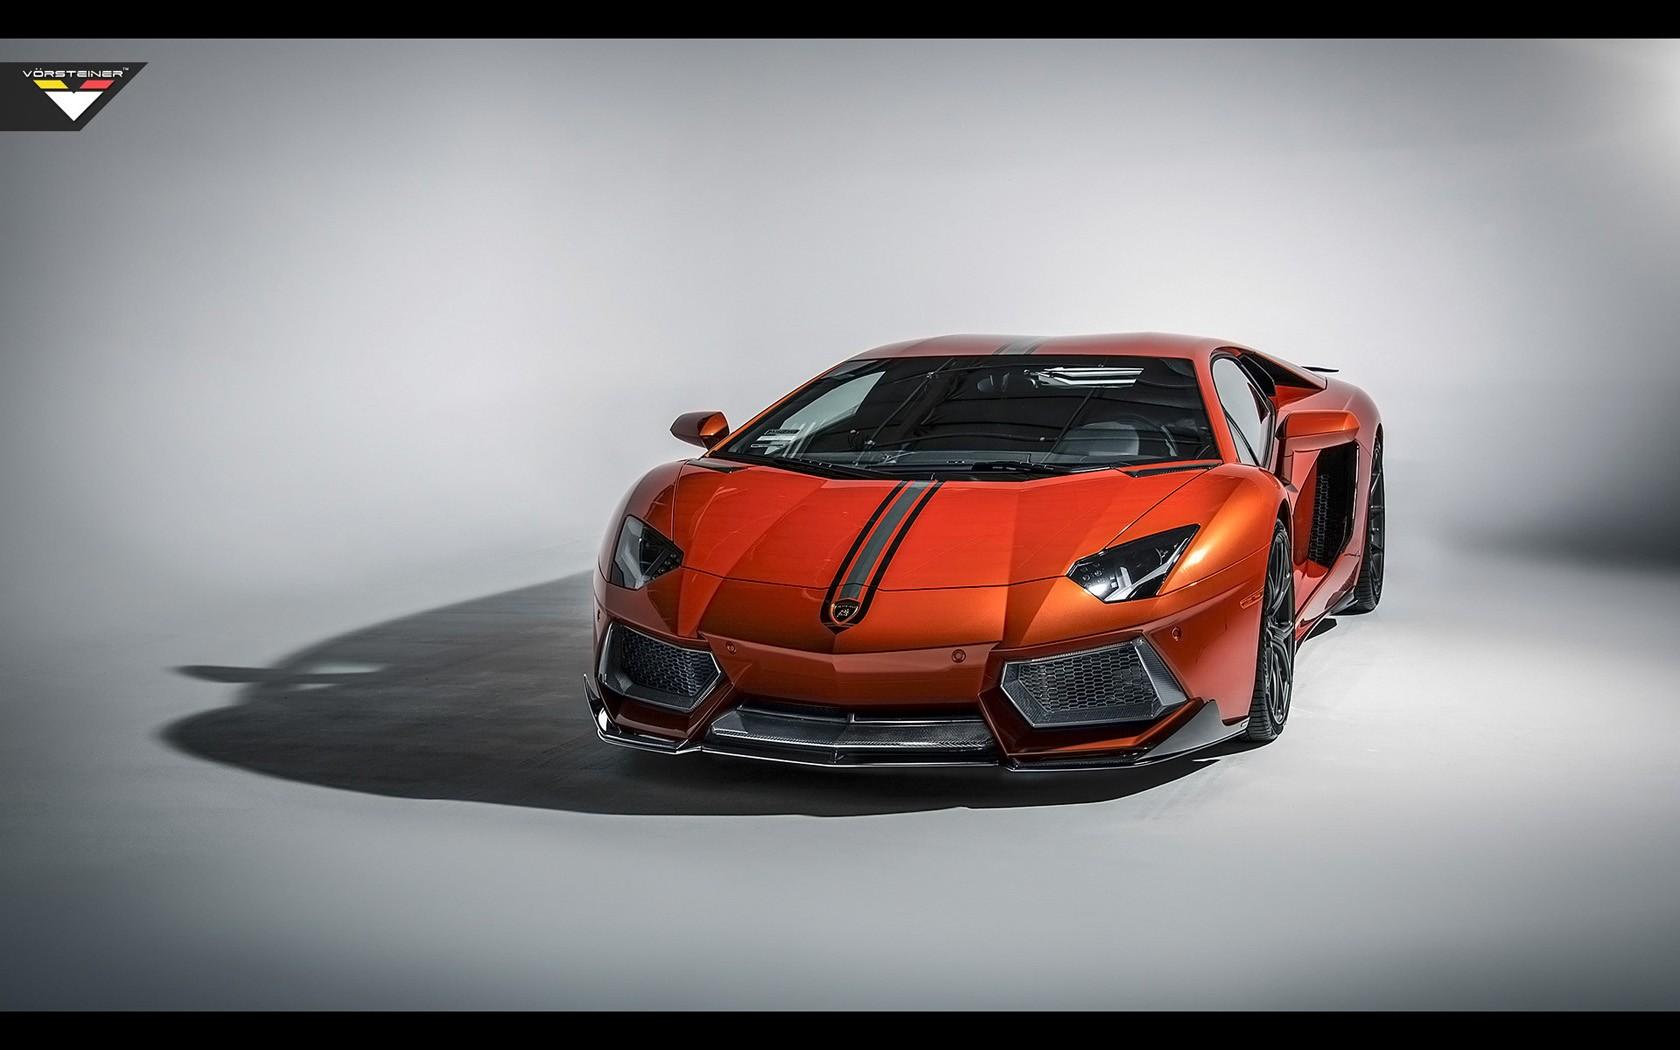 2014 Vorsteiner - Lamborghini Aventador V LP740